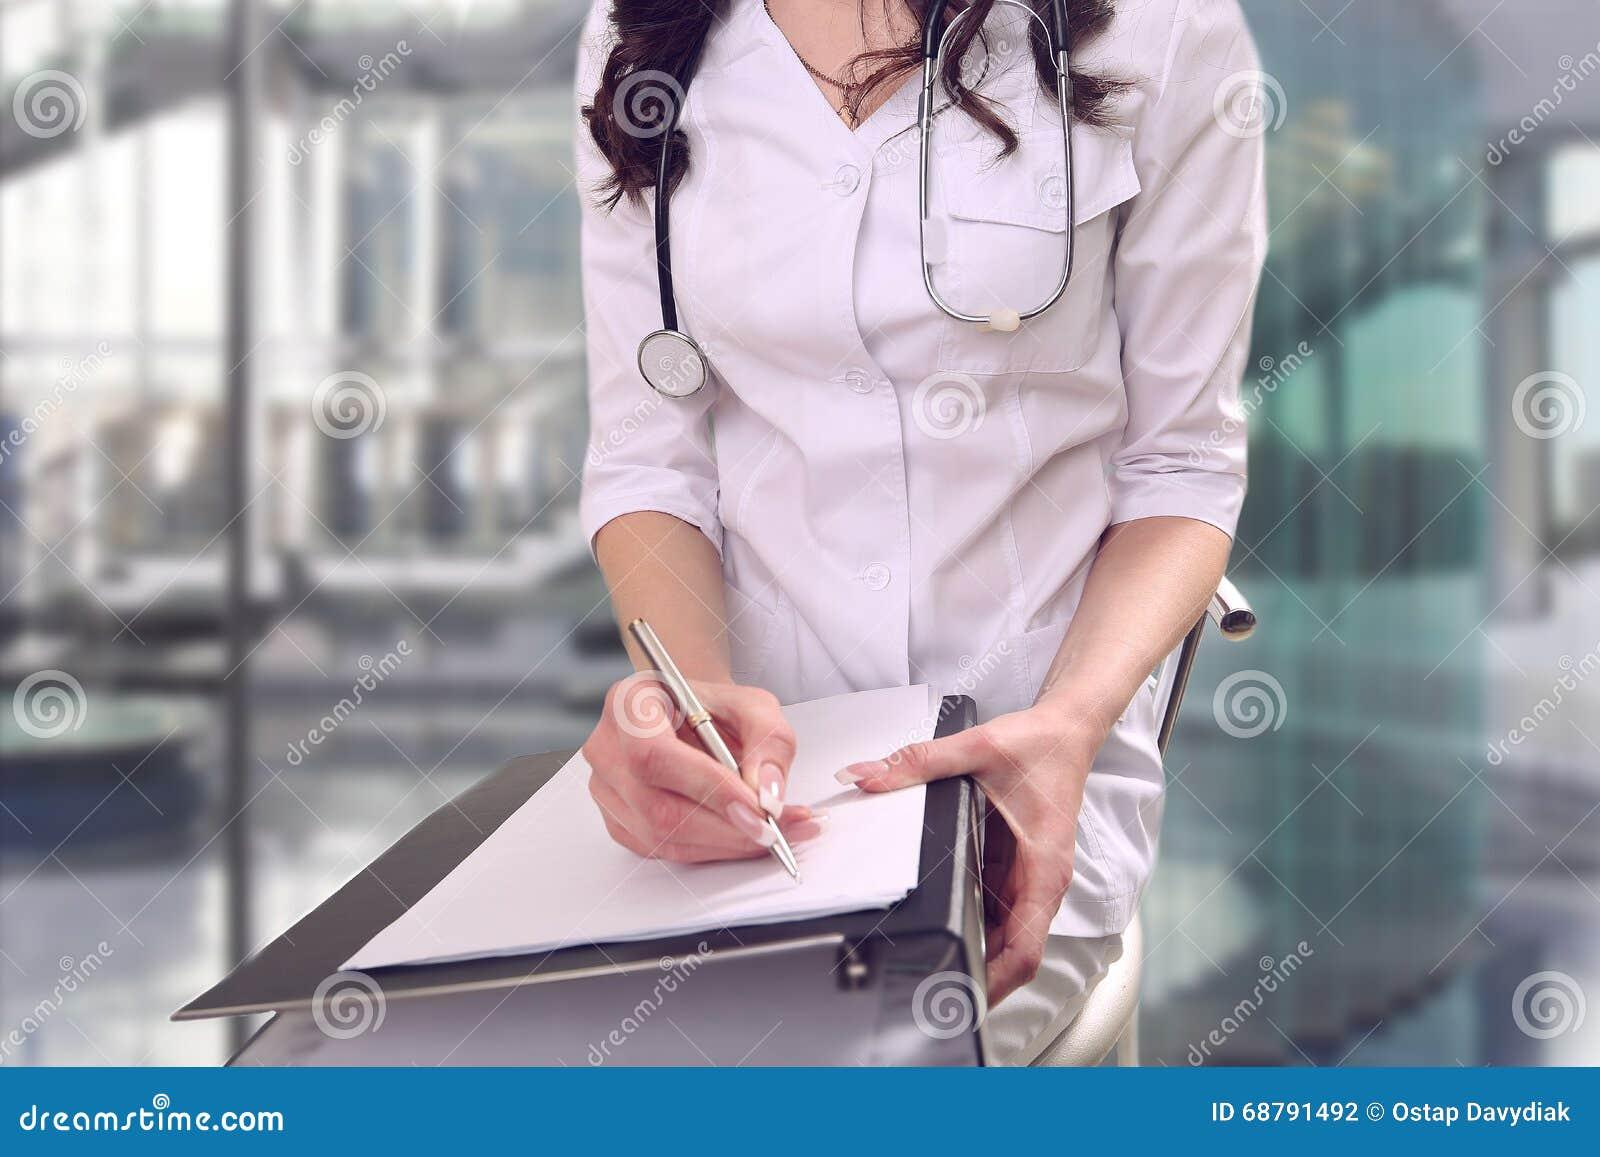 Un doctor en la cirugía realiza el trabajo administrativo bureaucrac